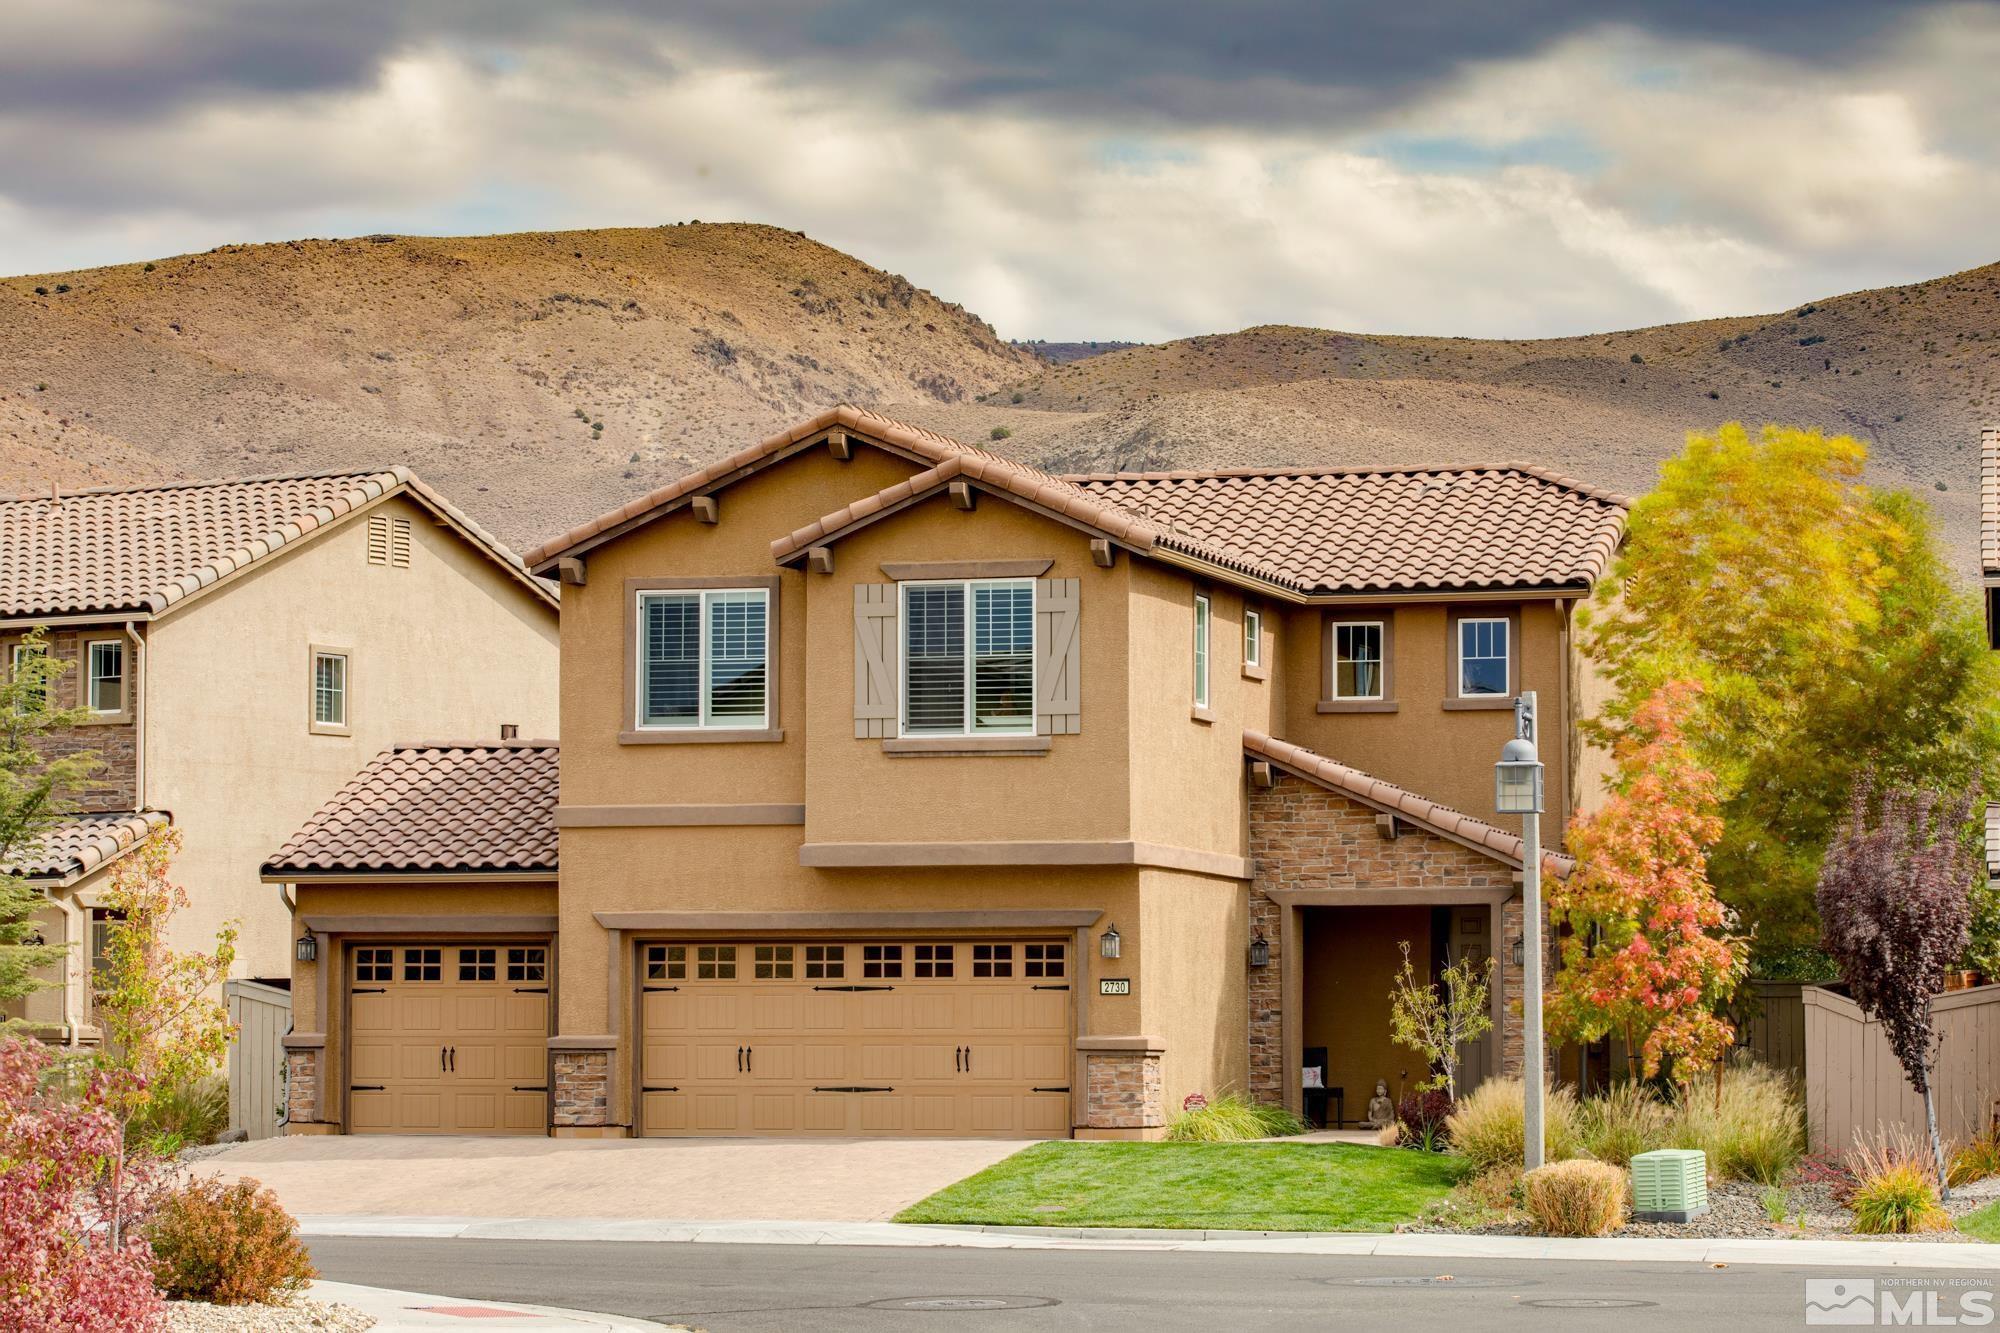 2730 Bonfire Lane, Reno, NV 89521